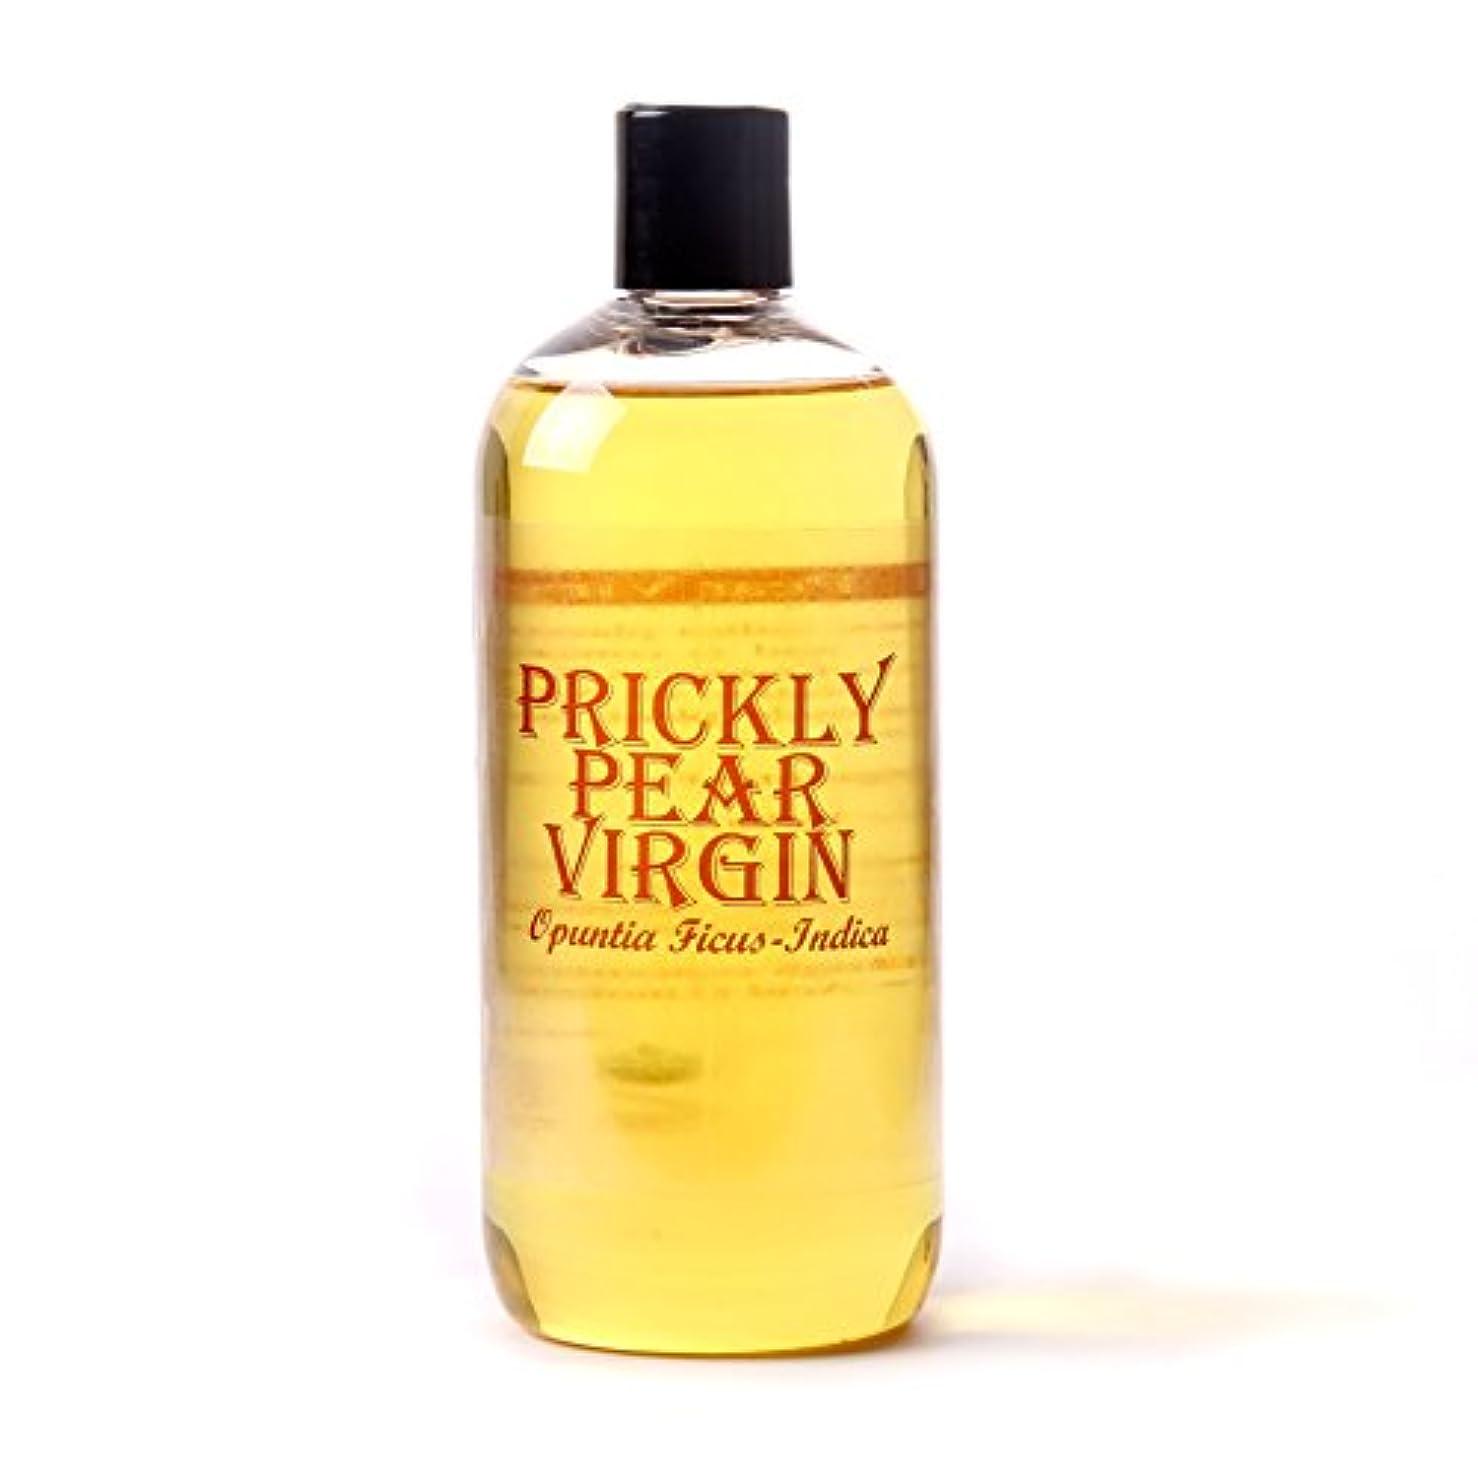 菊冷淡な最初にPrickly Pear Virgin Carrier Oil - 100% Pure - 1 Litre